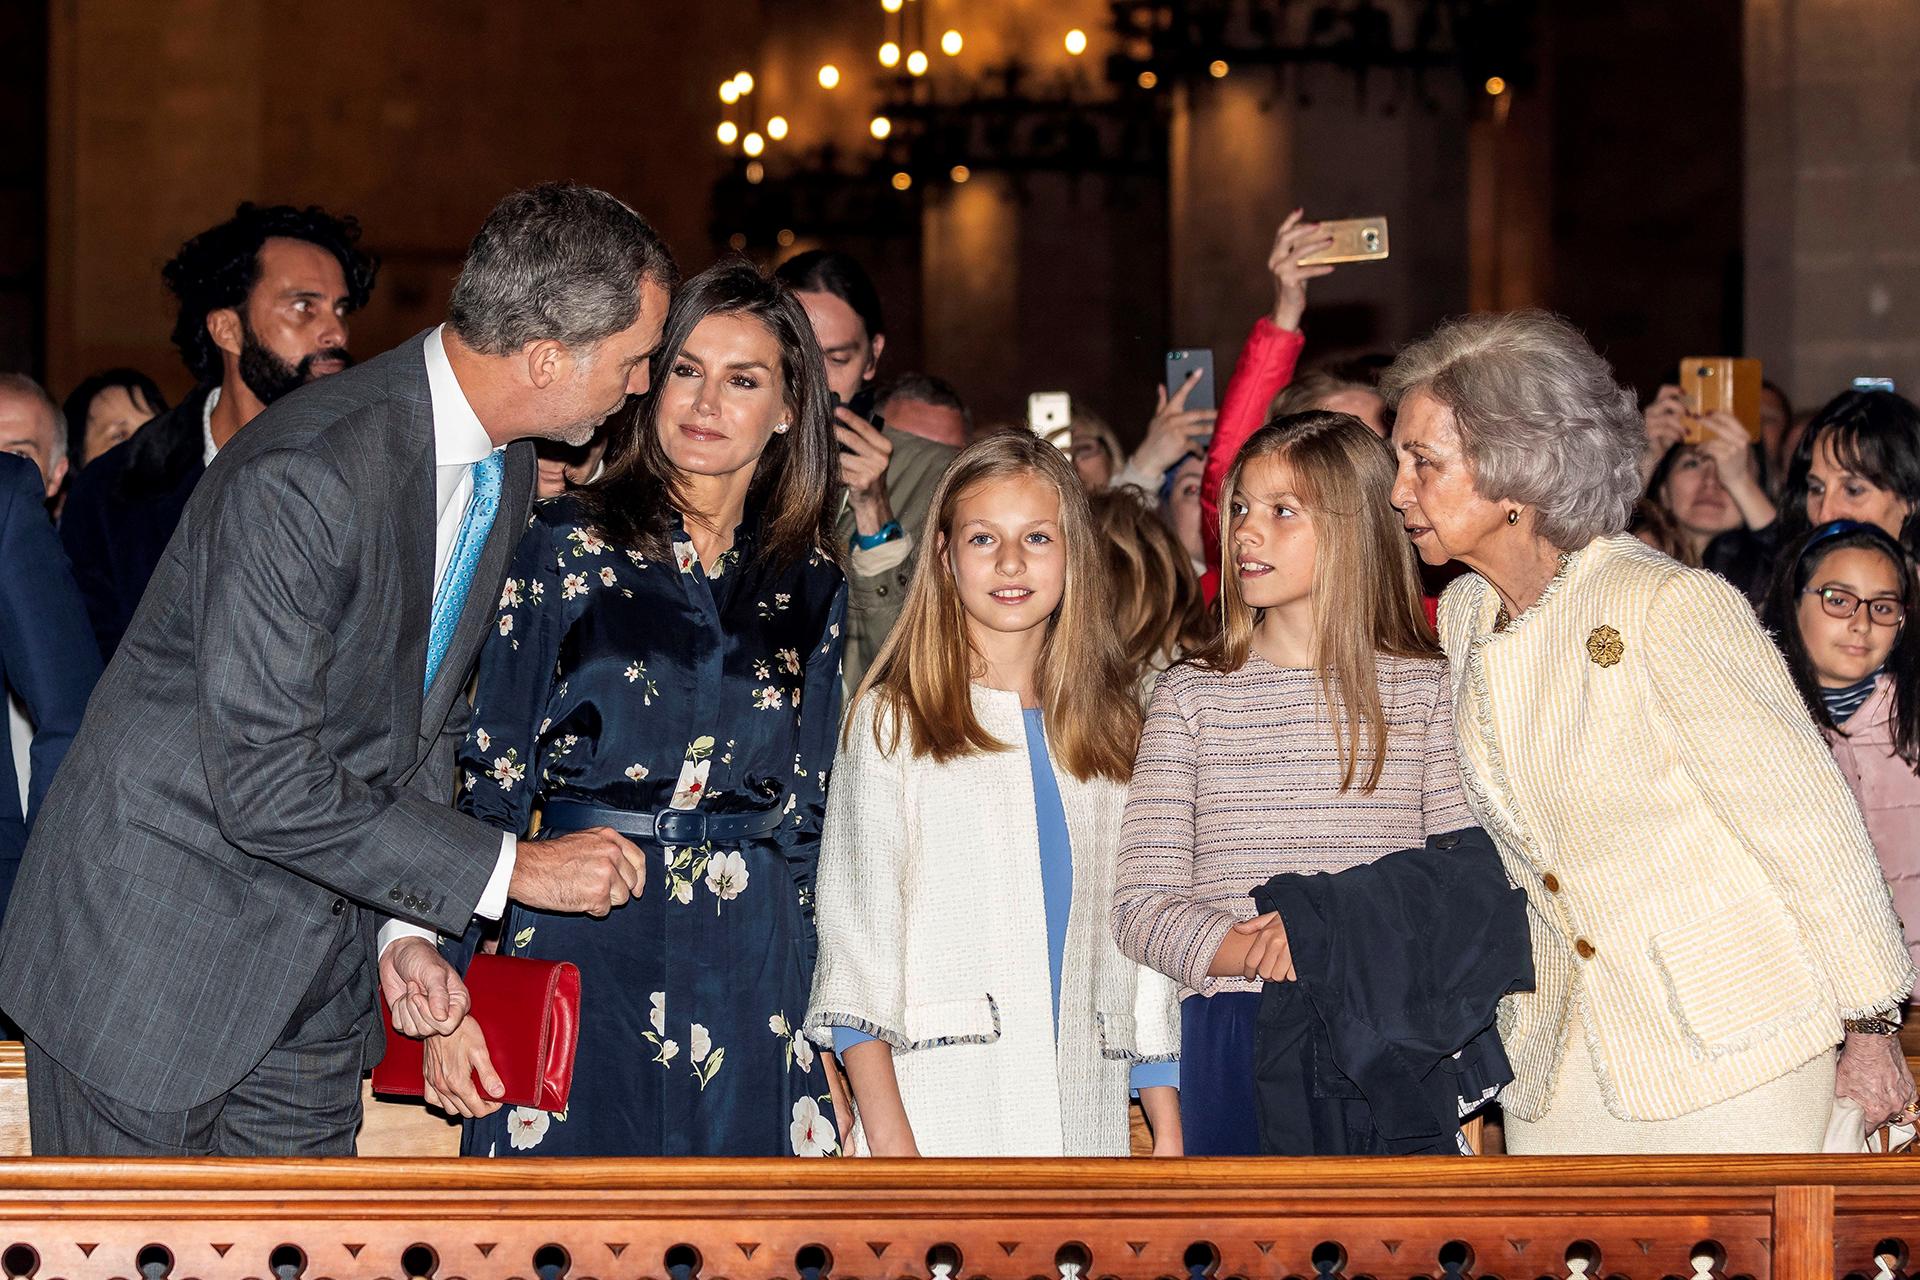 La familia real española durante la ceremonia religiosa